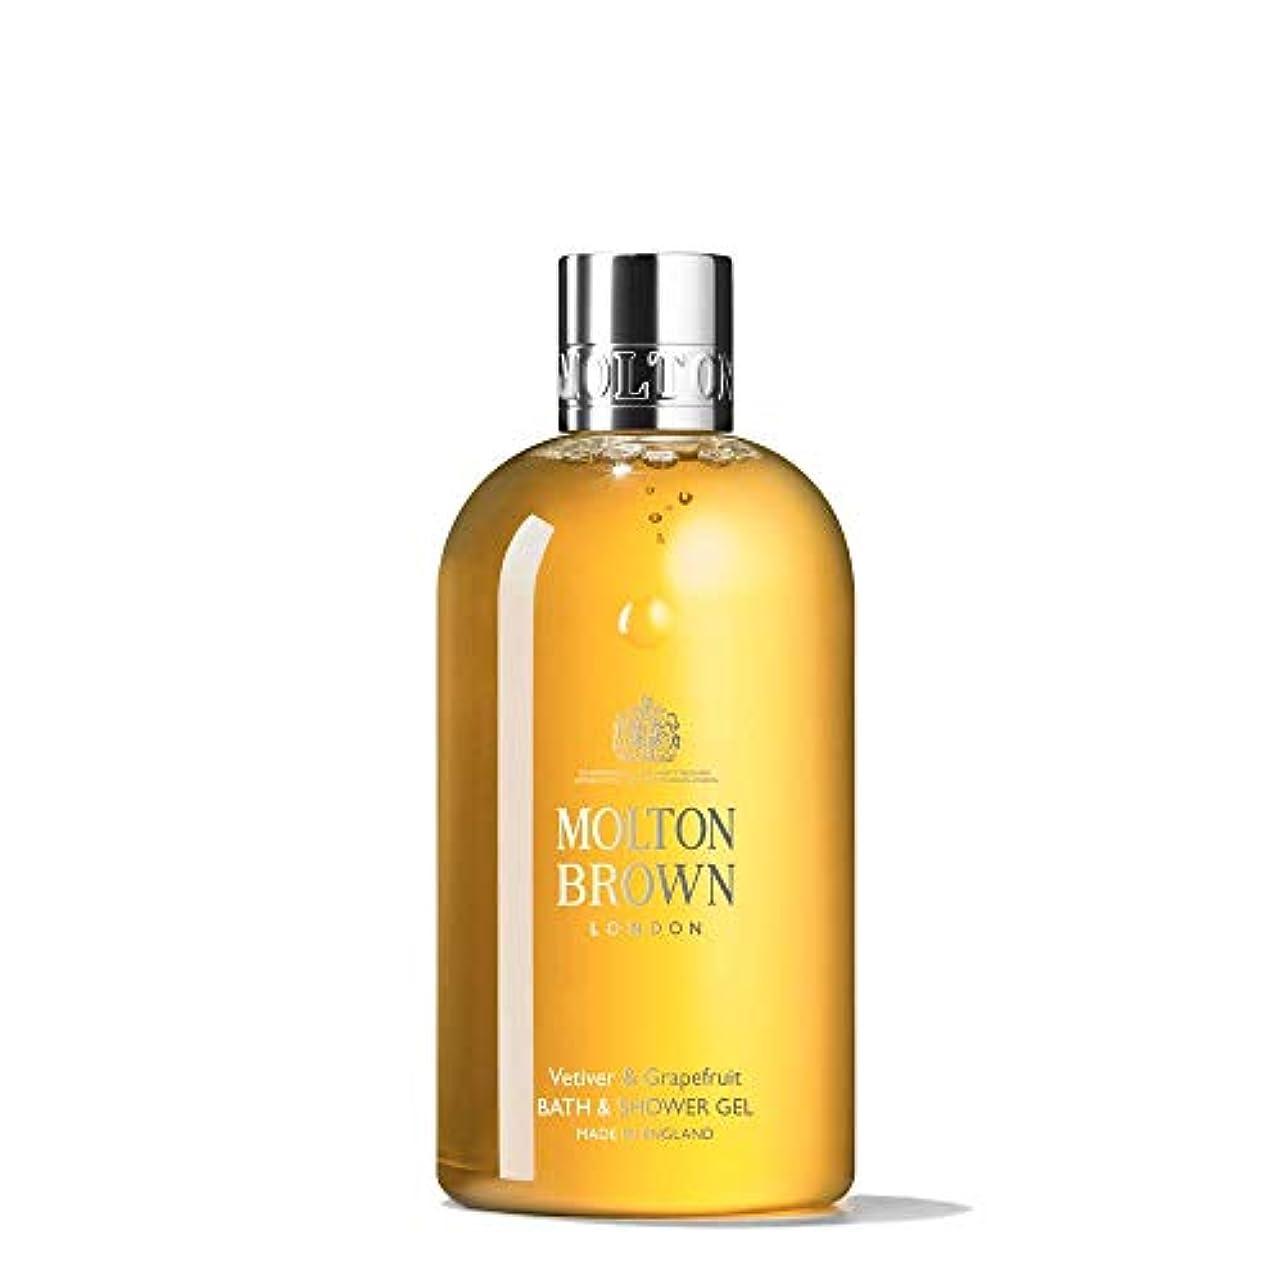 自伝複数一瞬MOLTON BROWN(モルトンブラウン) ベチバー&グレープフルーツ コレクション V&G バス&シャワージェル